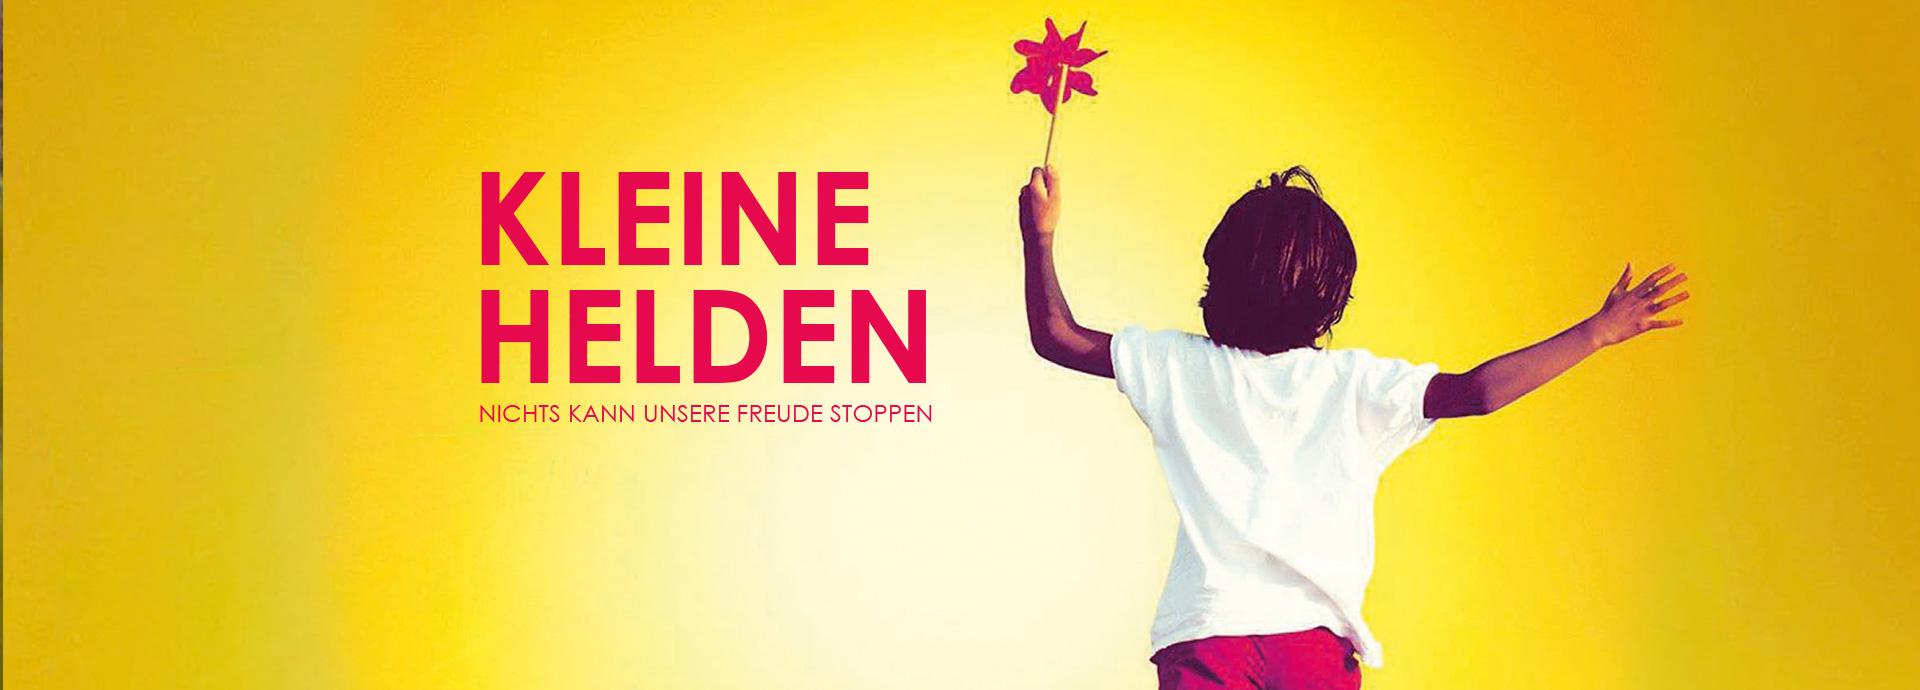 Webseite-KleineHelden